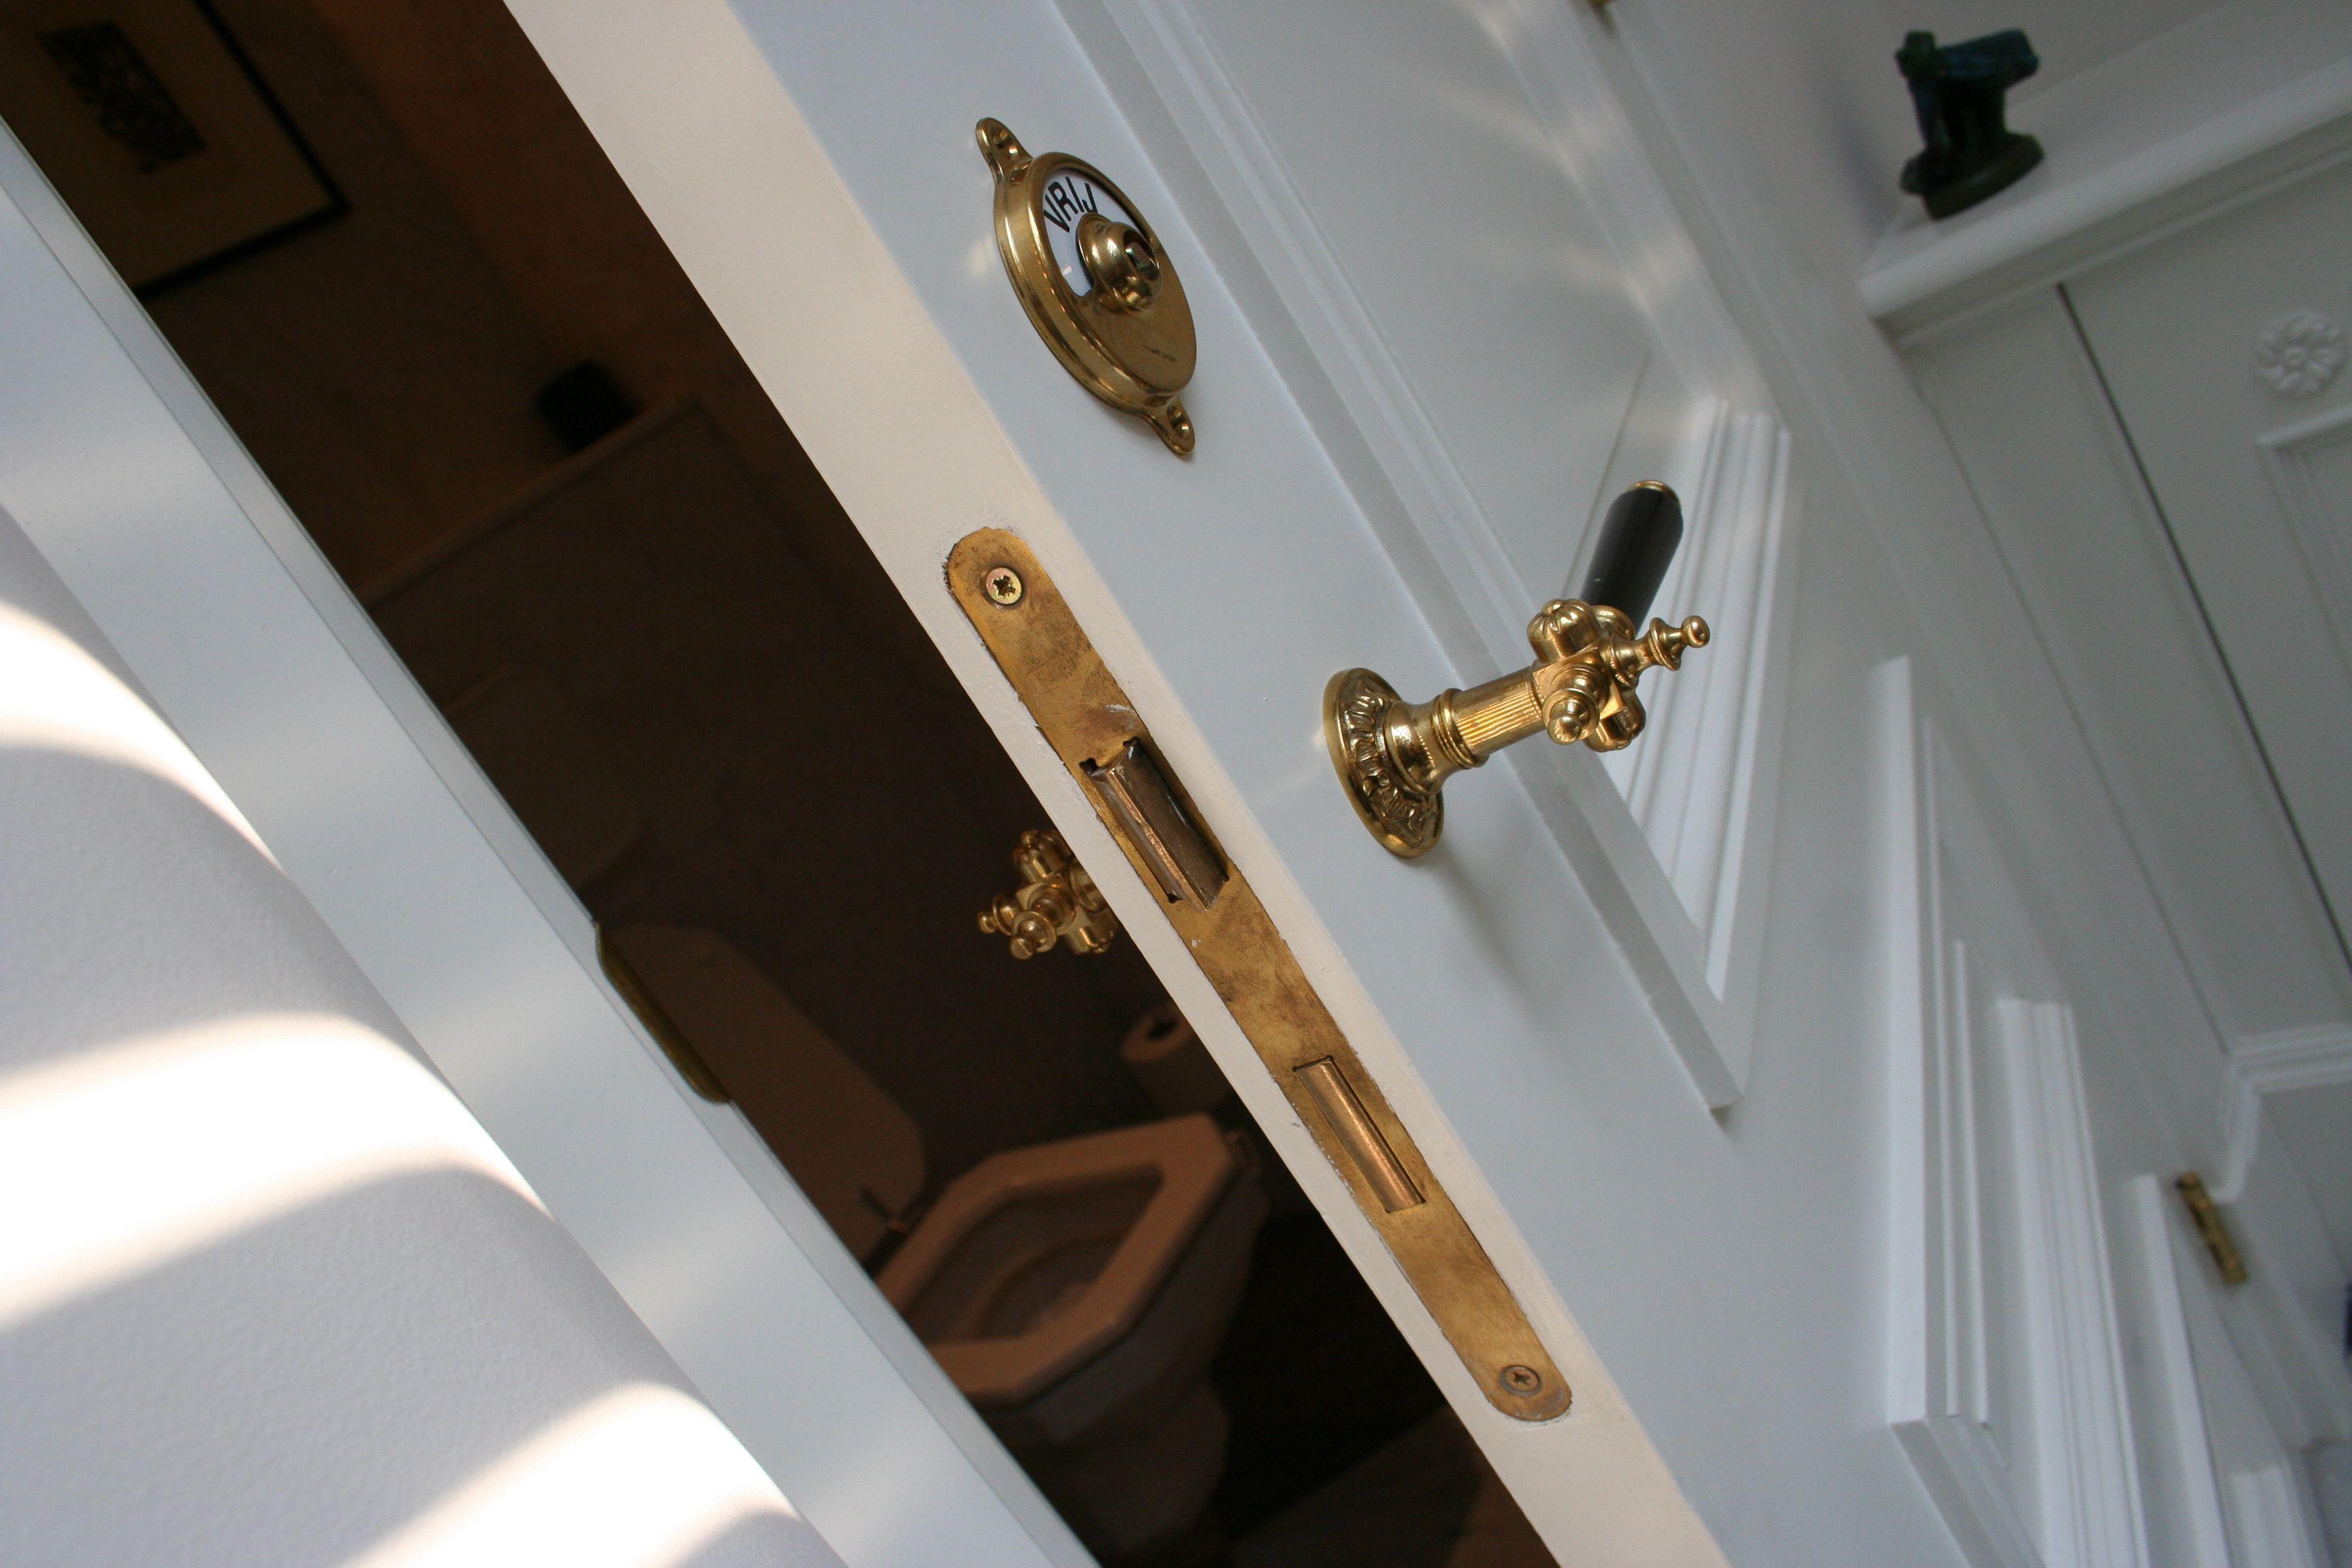 Zwarte Klassieke Deurkrukken : Wf weijntjes deurkruk messing recht klassiek zwarte greep 8425 en